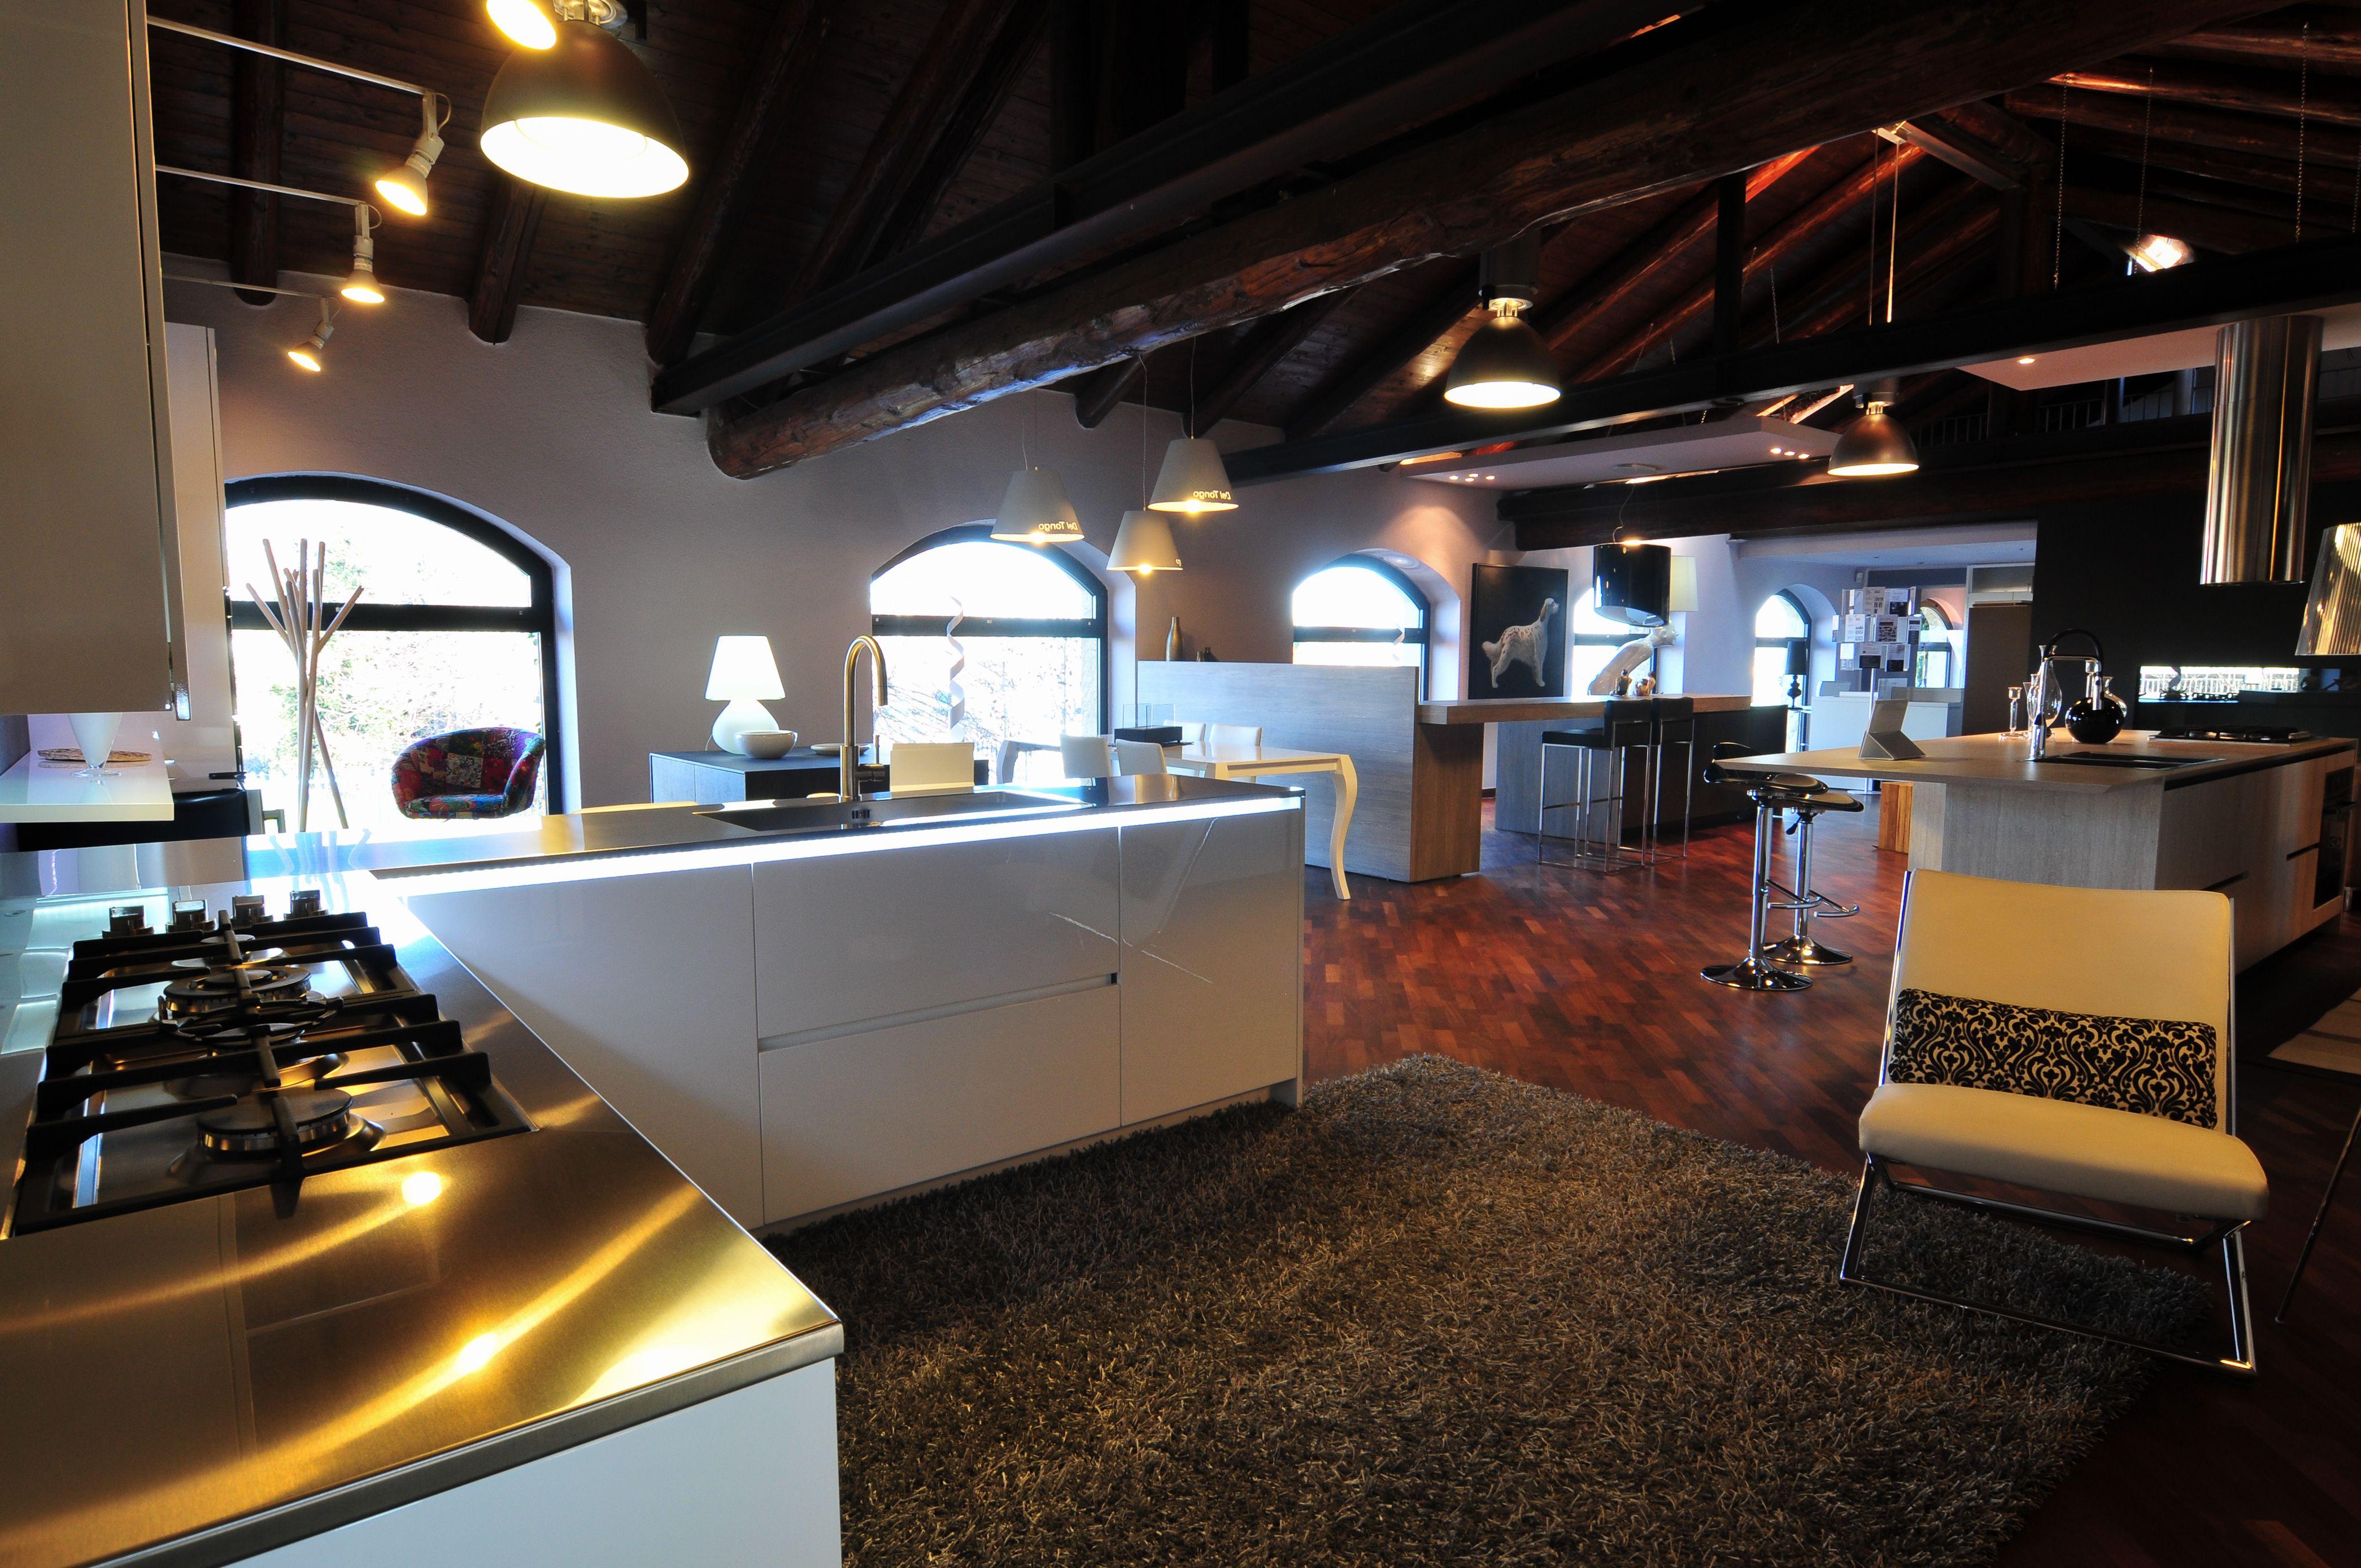 Studi Di Architettura Cuneo 4c studio di interni e arredamenti a cuneo #showroom